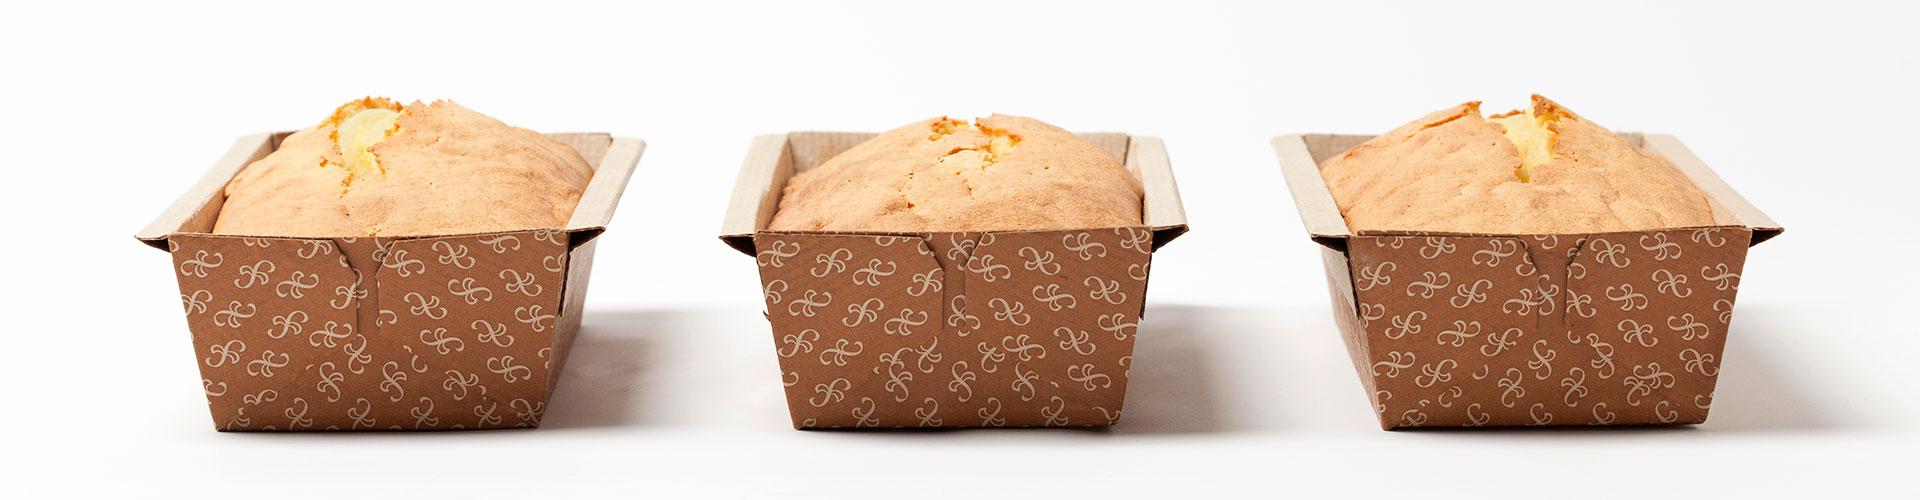 Solut Loaf Pans Bakable Disposable Loaf Pans Paper